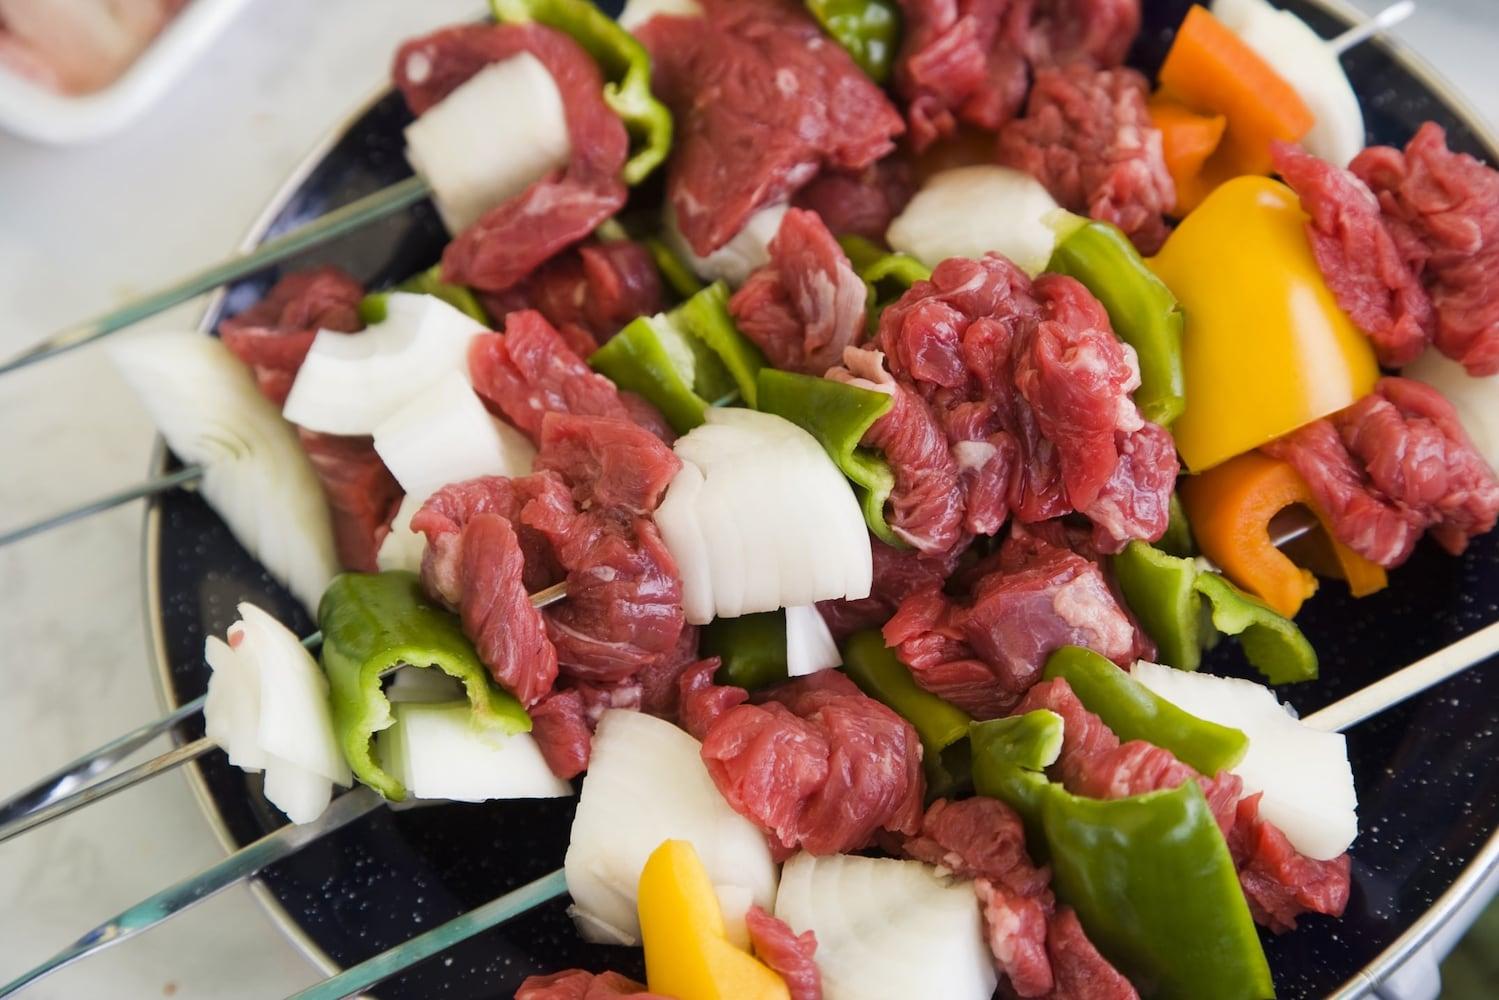 食欲そそる!野外で楽しむスタミナ満点のバーベキューレシピまとめ